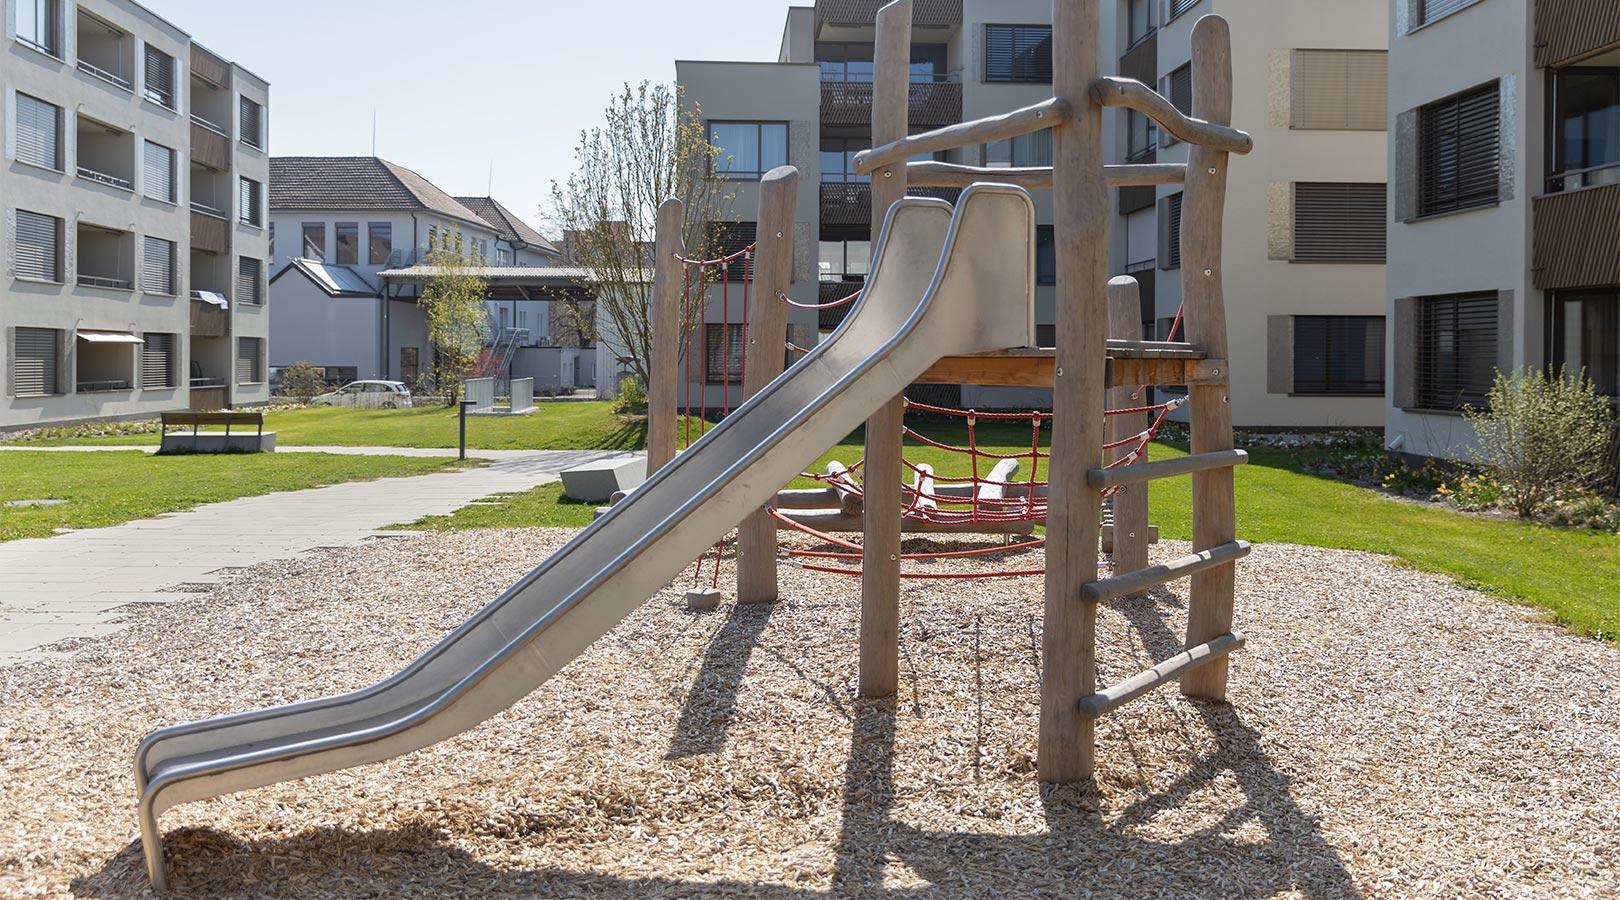 Spielplatz mit Rutsche Siedlung